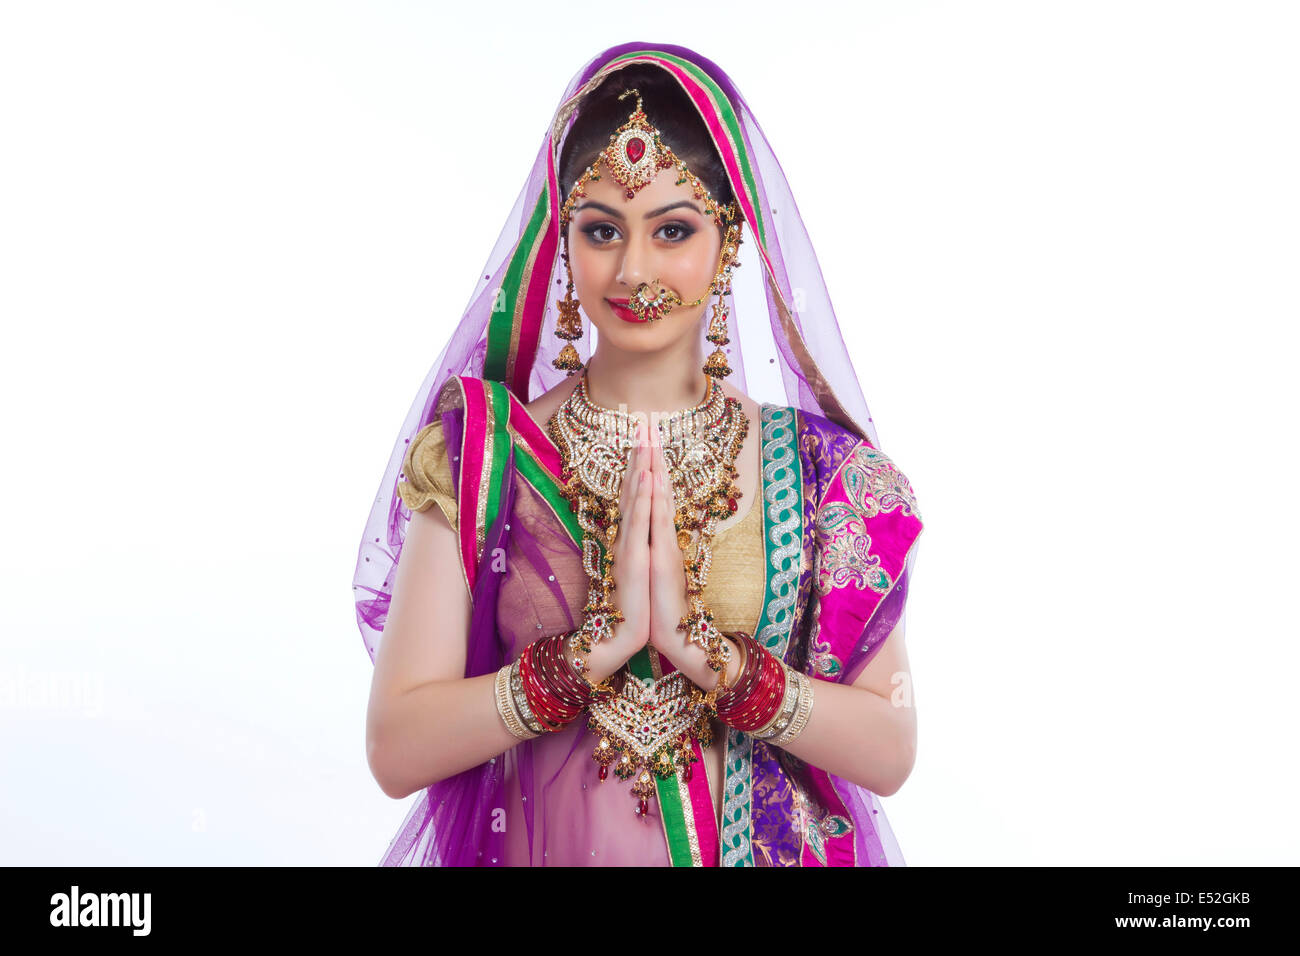 Porträt von schöne indische Braut Gruß auf weißem Hintergrund ...